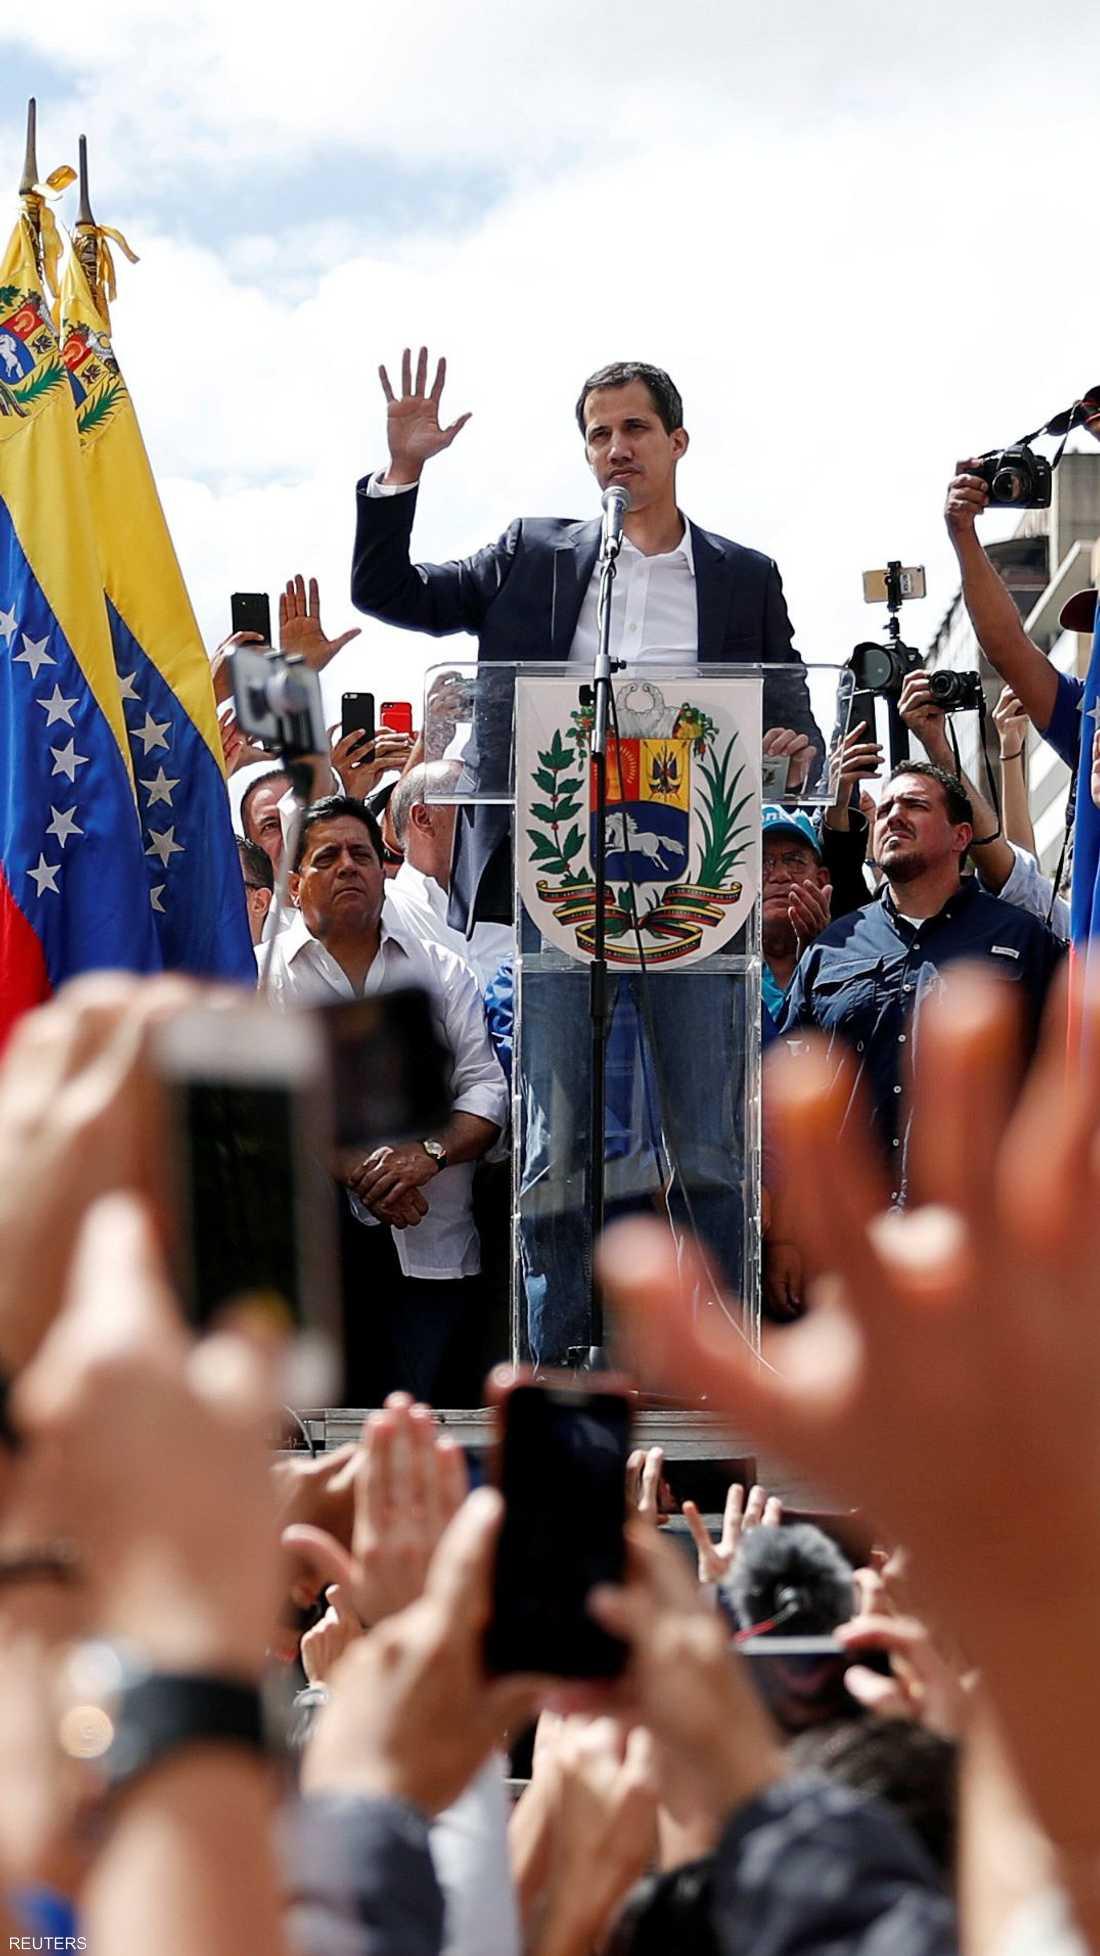 تسارعت الأحداث في فنزويلا بعد أن طلب الرئيس الفنزويلي نيكولاس مادورو قطع العلاقات الدبلوماسية مع الولايات المتحدة إثر إعلانها الاعتراف بالرئيس بالوكالة خوان غوايدو.